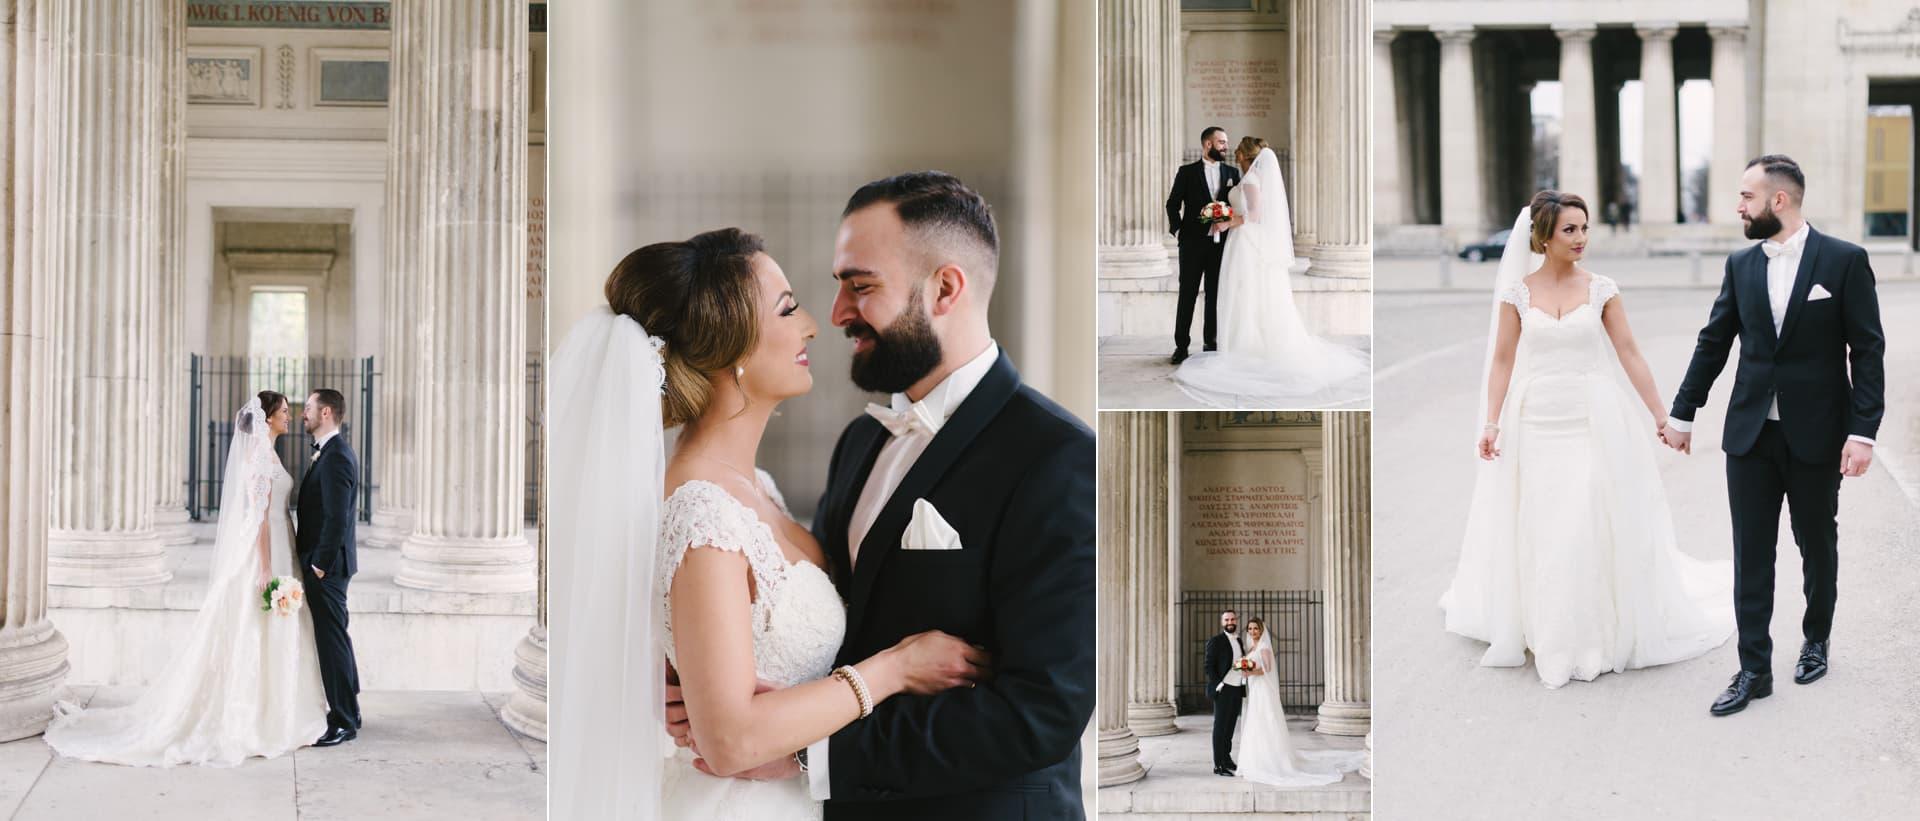 Brautpaarshooting am Königsplatz Hochzeitsfotograf Kamer Aktas in einer der besten Fotolocations für Hochzeitspaare